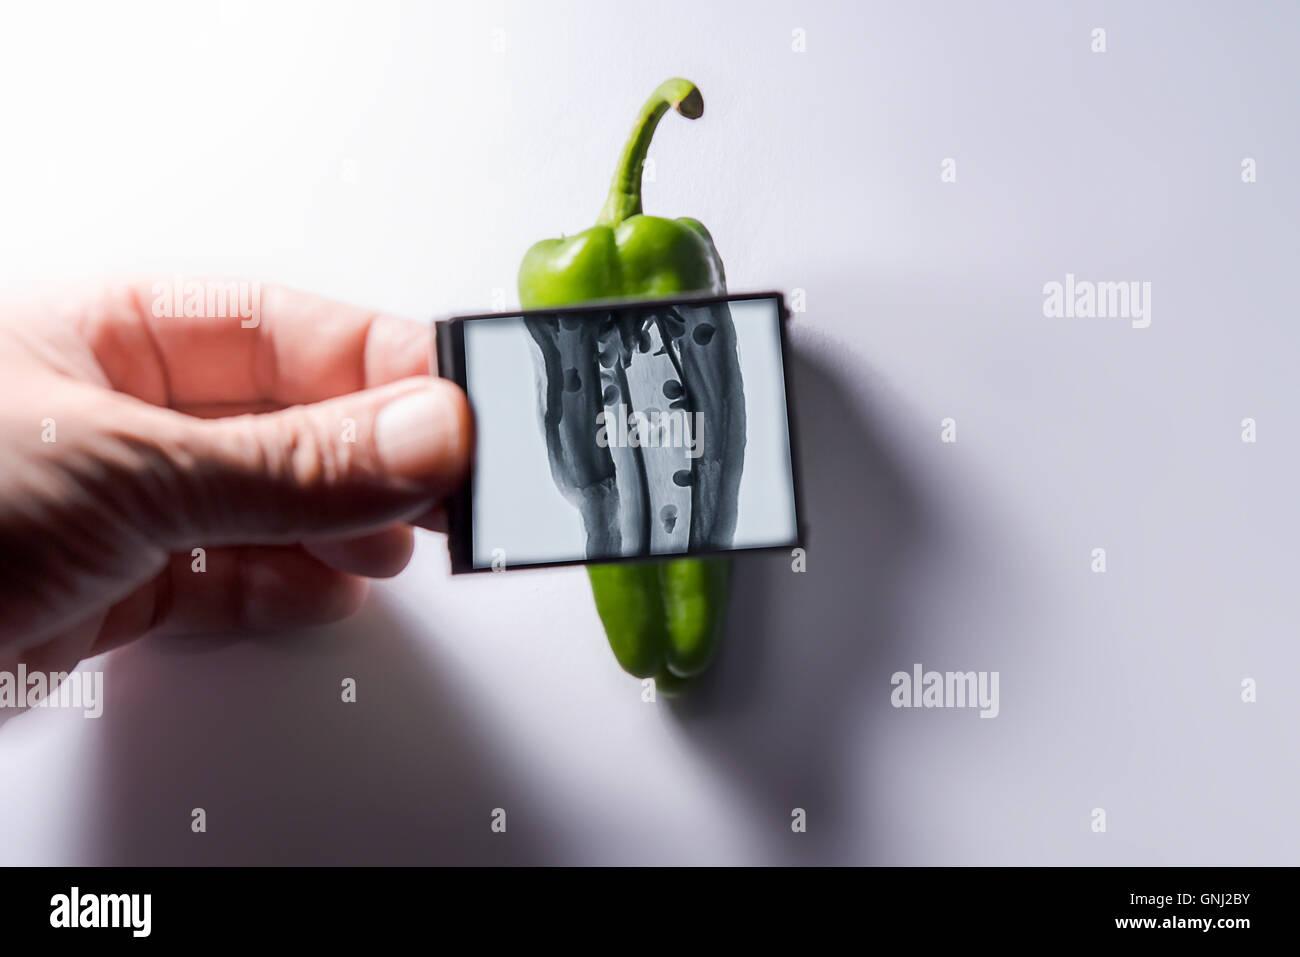 Mano sujetando la imagen de rayos x en frente de pimiento verde Imagen De Stock